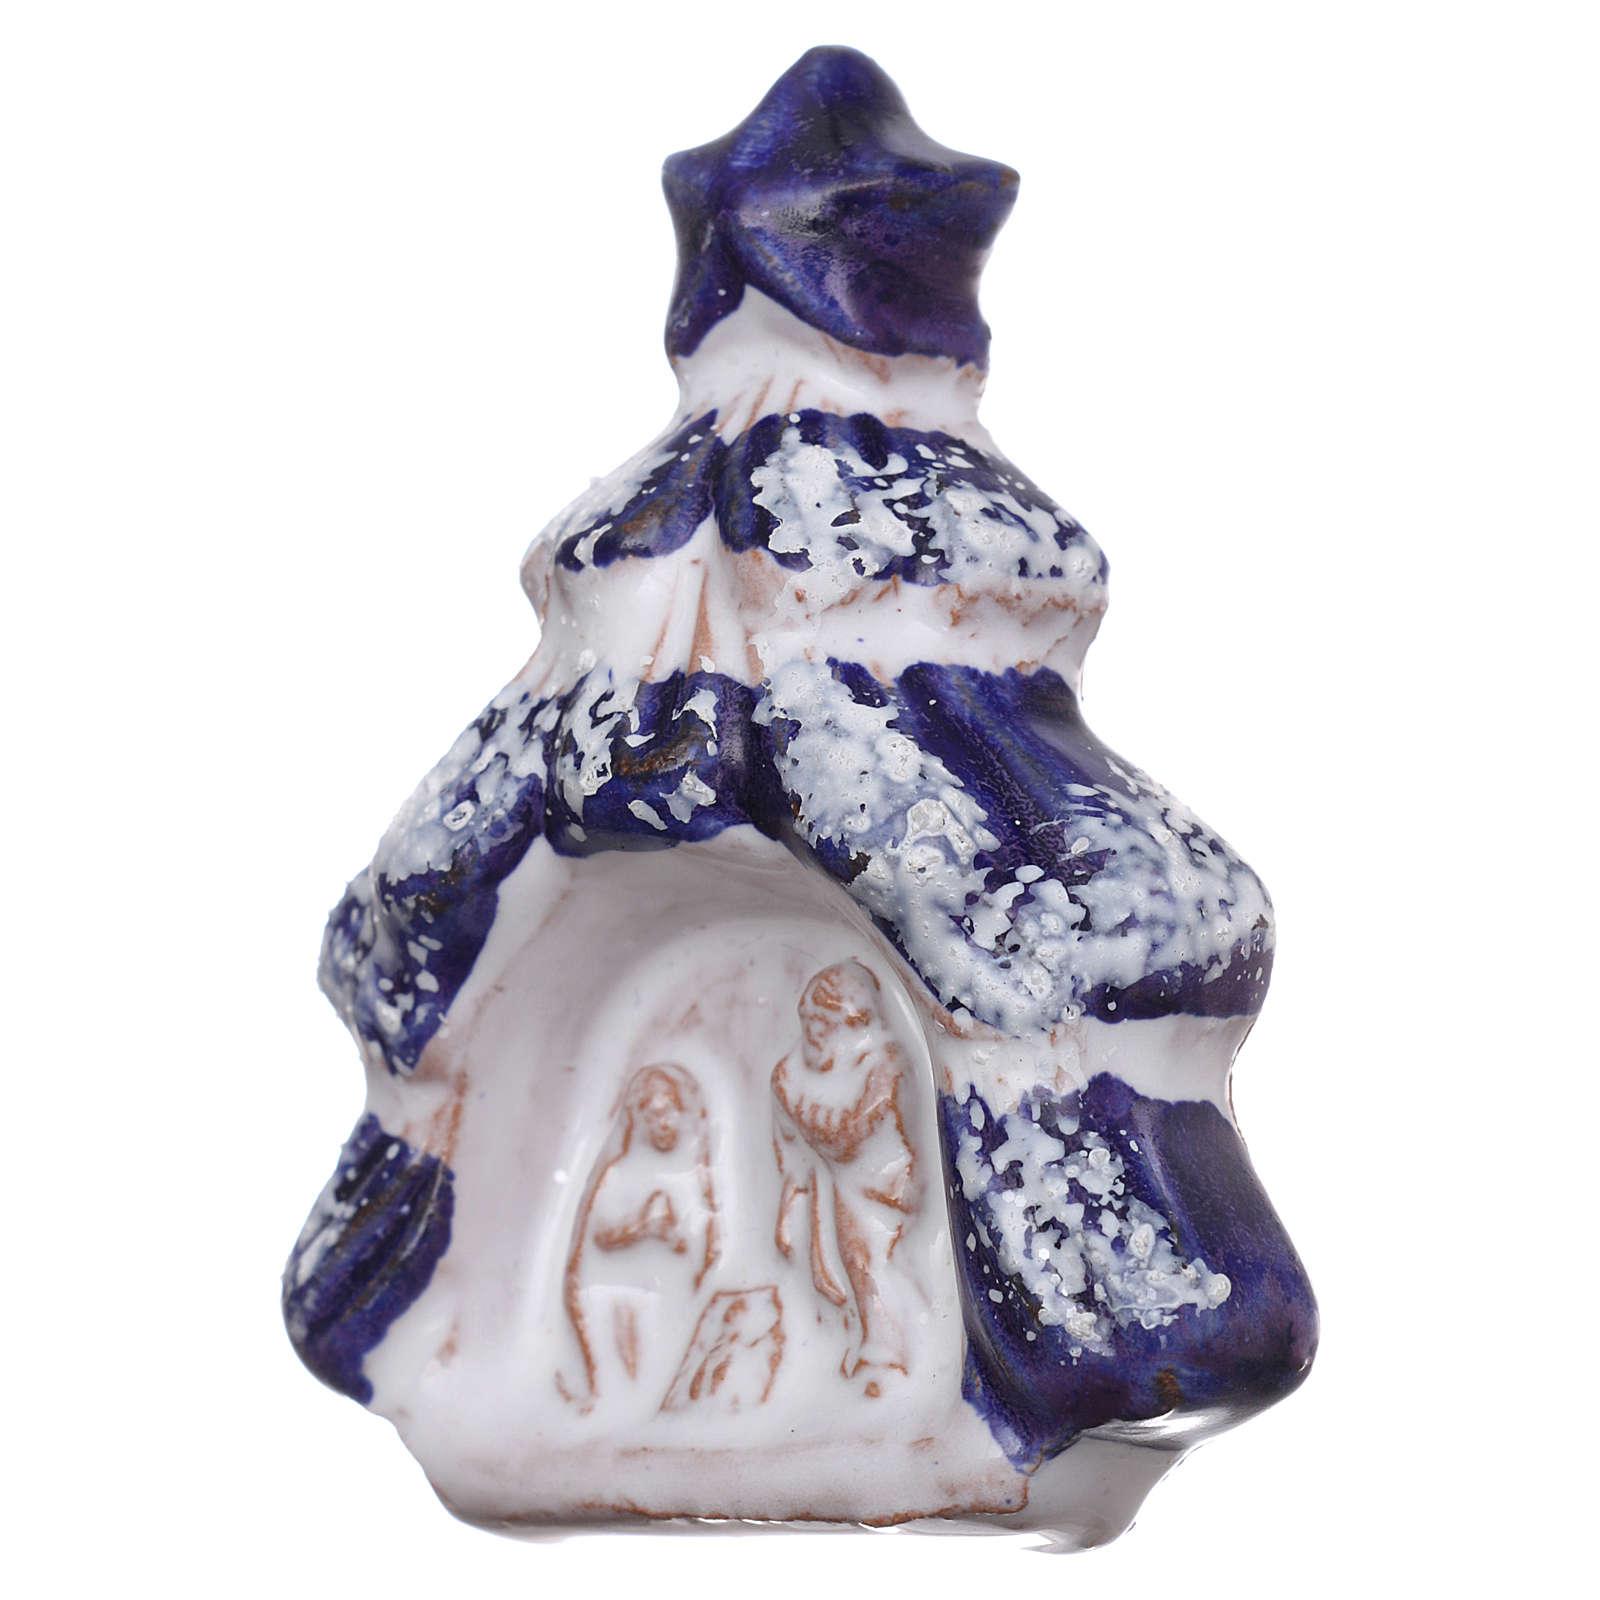 Aimant sapin de Noël avec Nativité en terre cuite Deruta 3